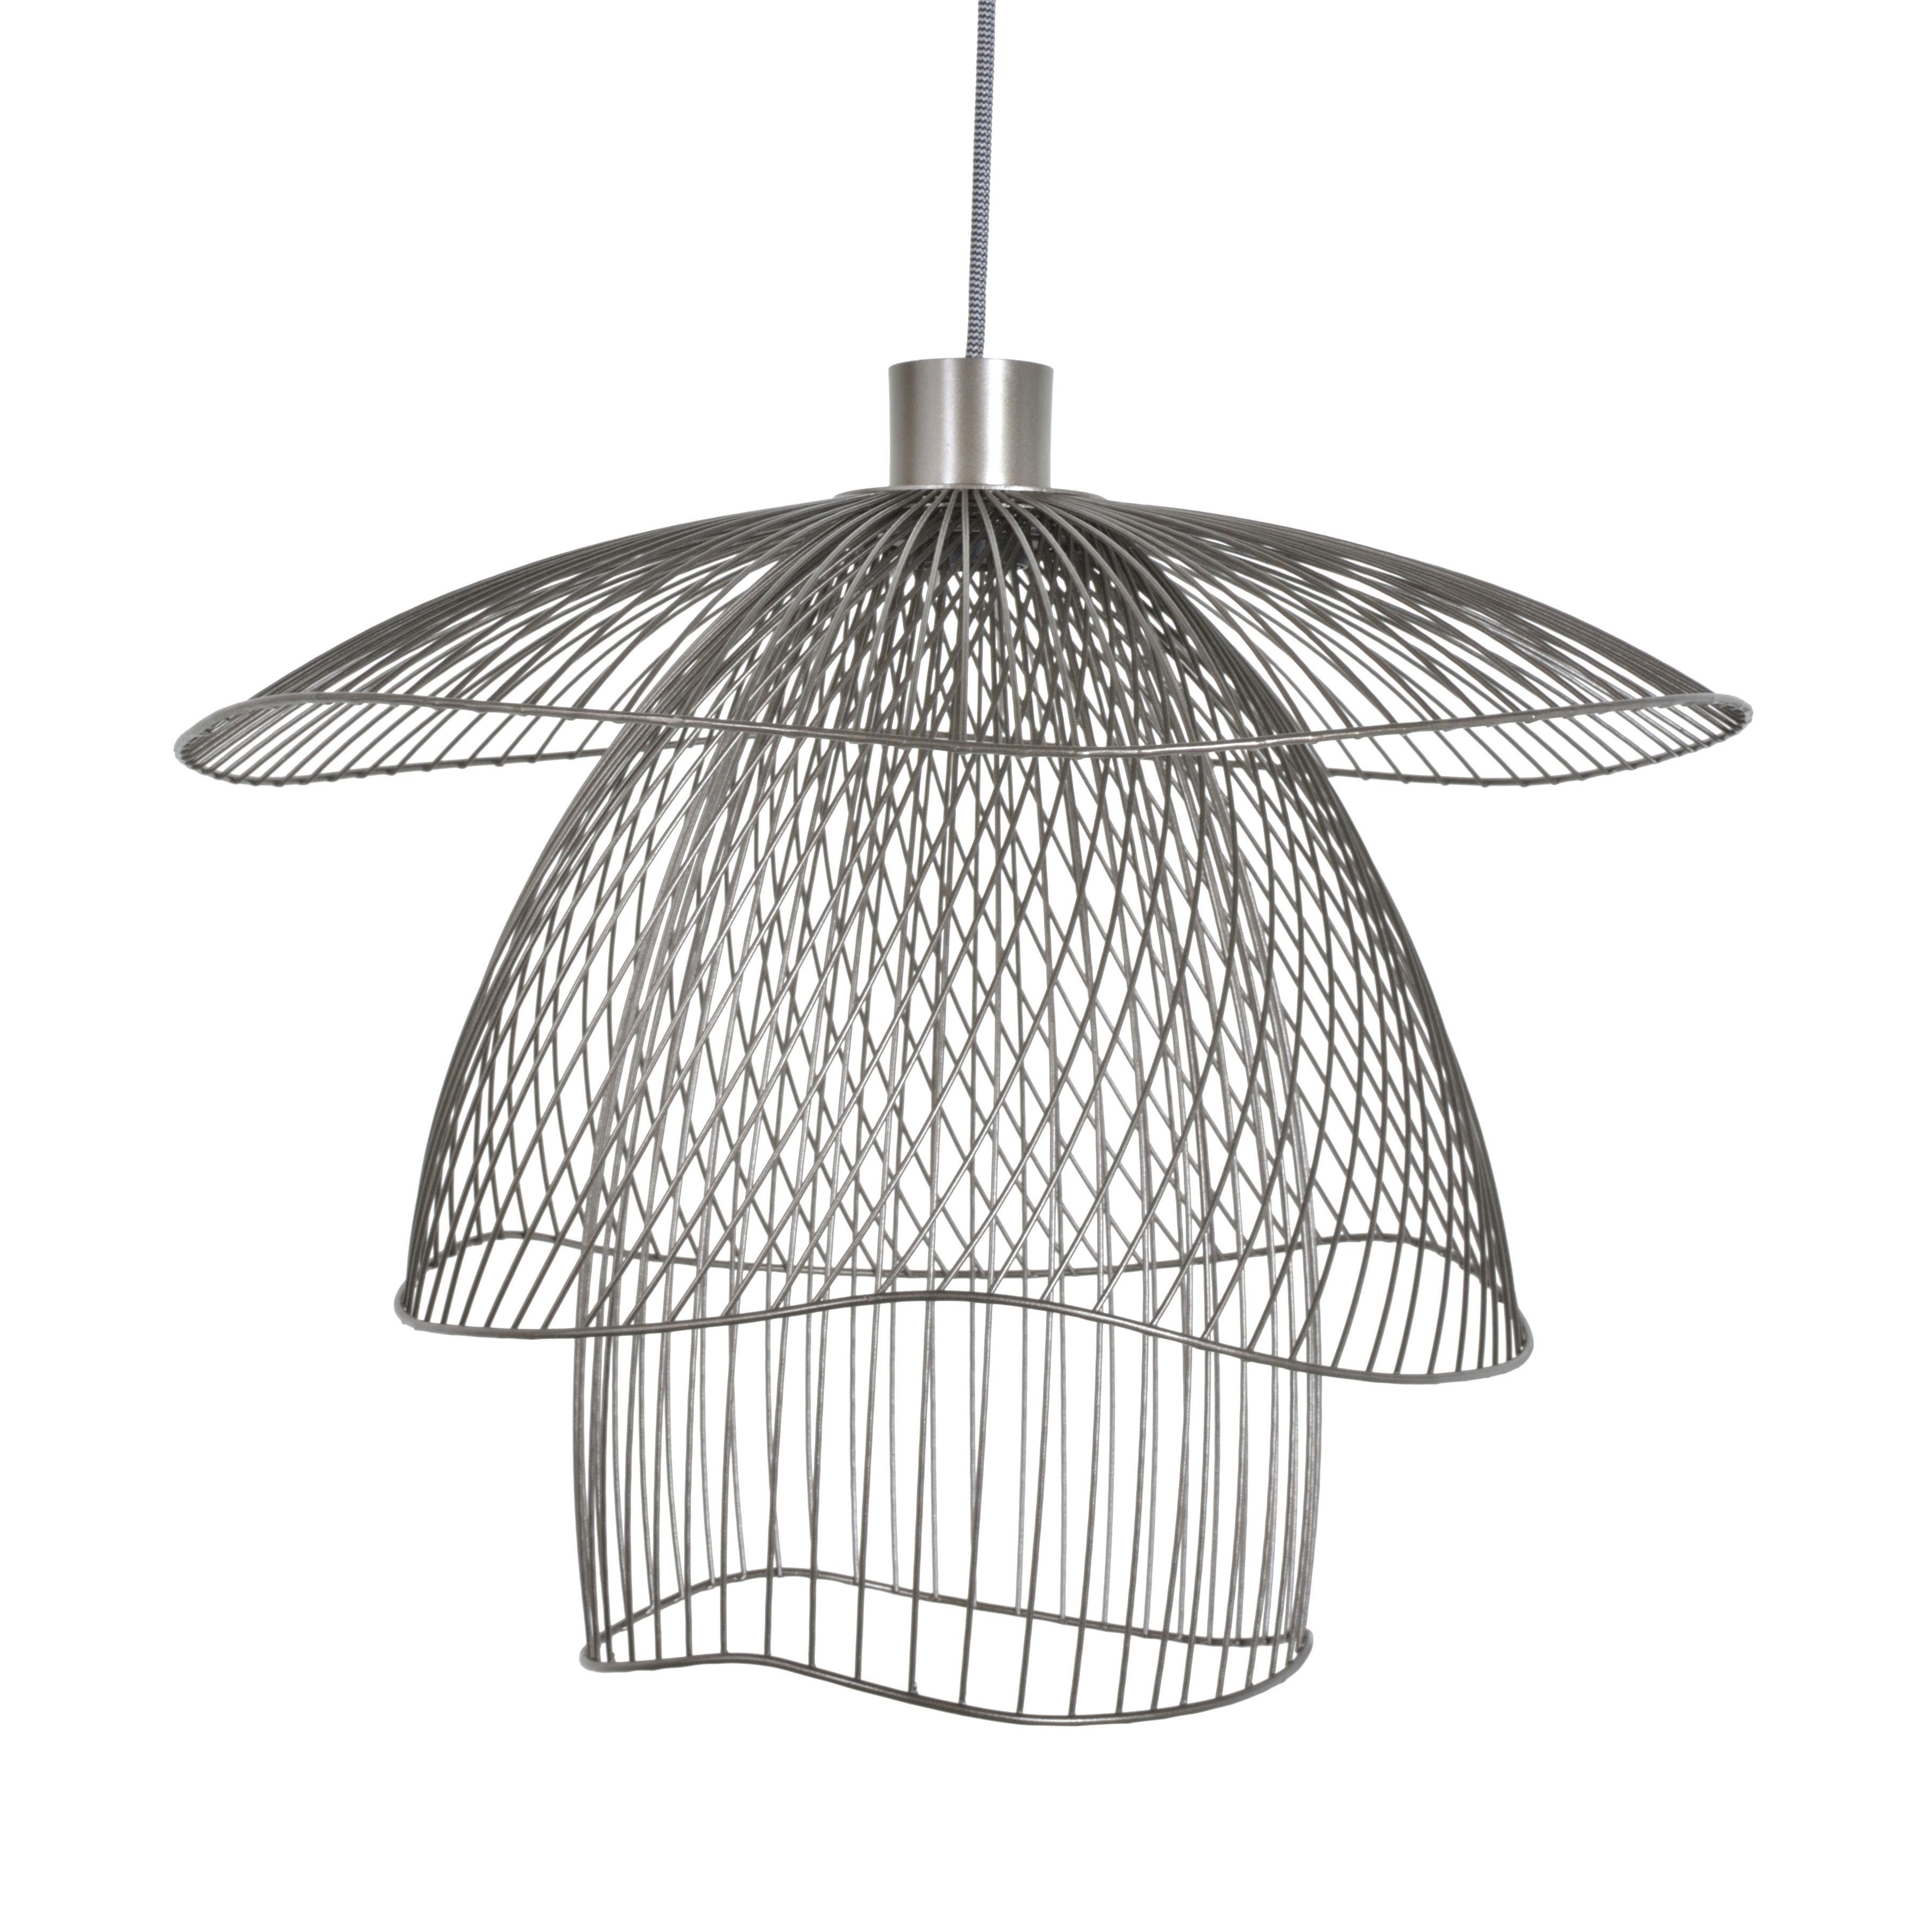 suspension papillon small forestier taupe m tallique abat jour h 38 4 cm x 56 cm. Black Bedroom Furniture Sets. Home Design Ideas